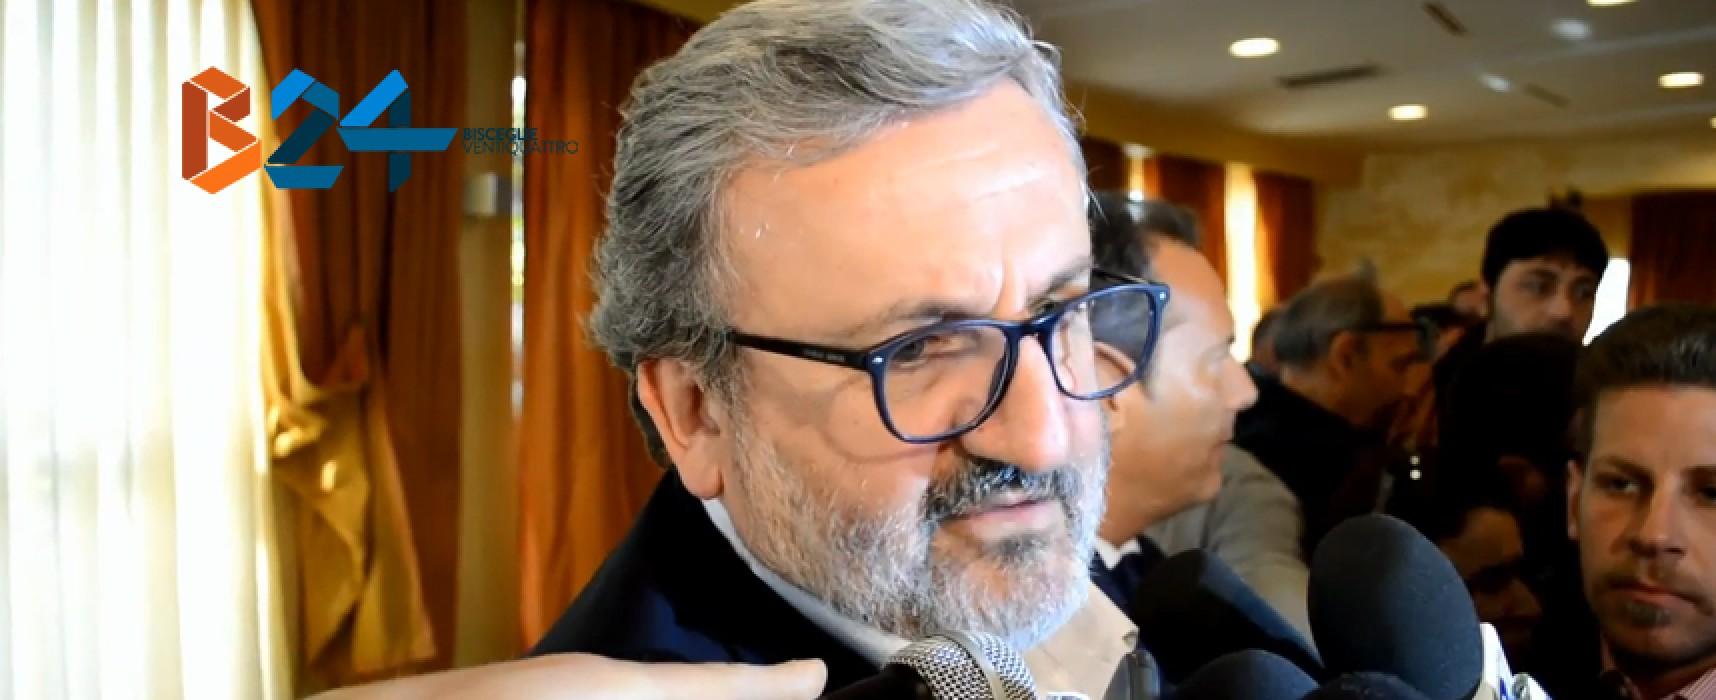 """Gelate, il governatore Emiliano rassicura gli olivicoltori: """"La Regione vi sostiene"""""""